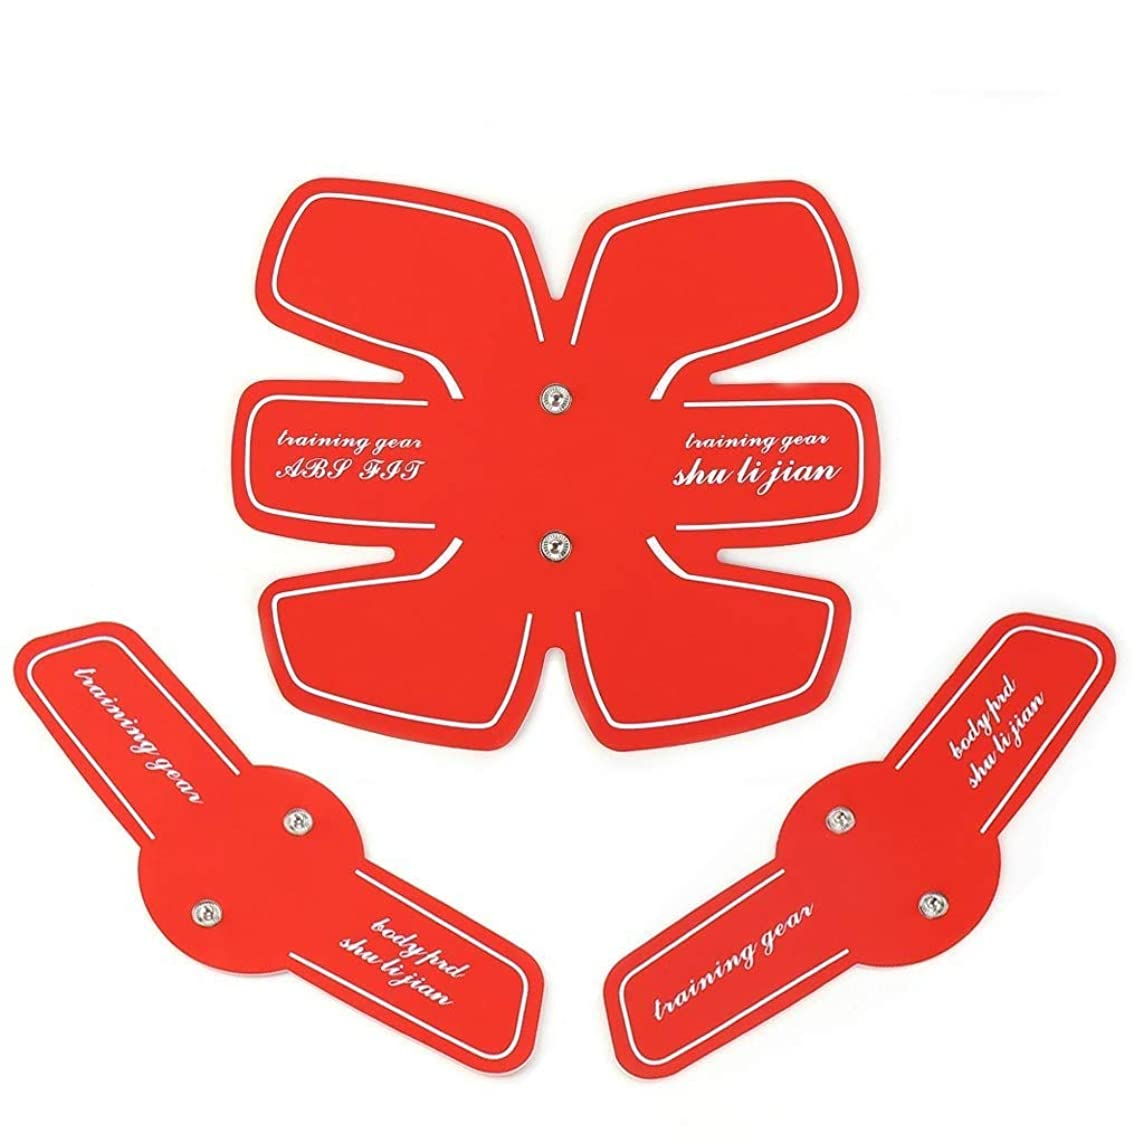 半導体鷲高度なフィットネス腹筋刺激装置トレーナーEMS筋肉トナー筋肉刺激剤腹部調色用ベルト、ホームオフィスUSB充電エクササイズ腹部/腕/脚腹部マッサージ (Color : RED)